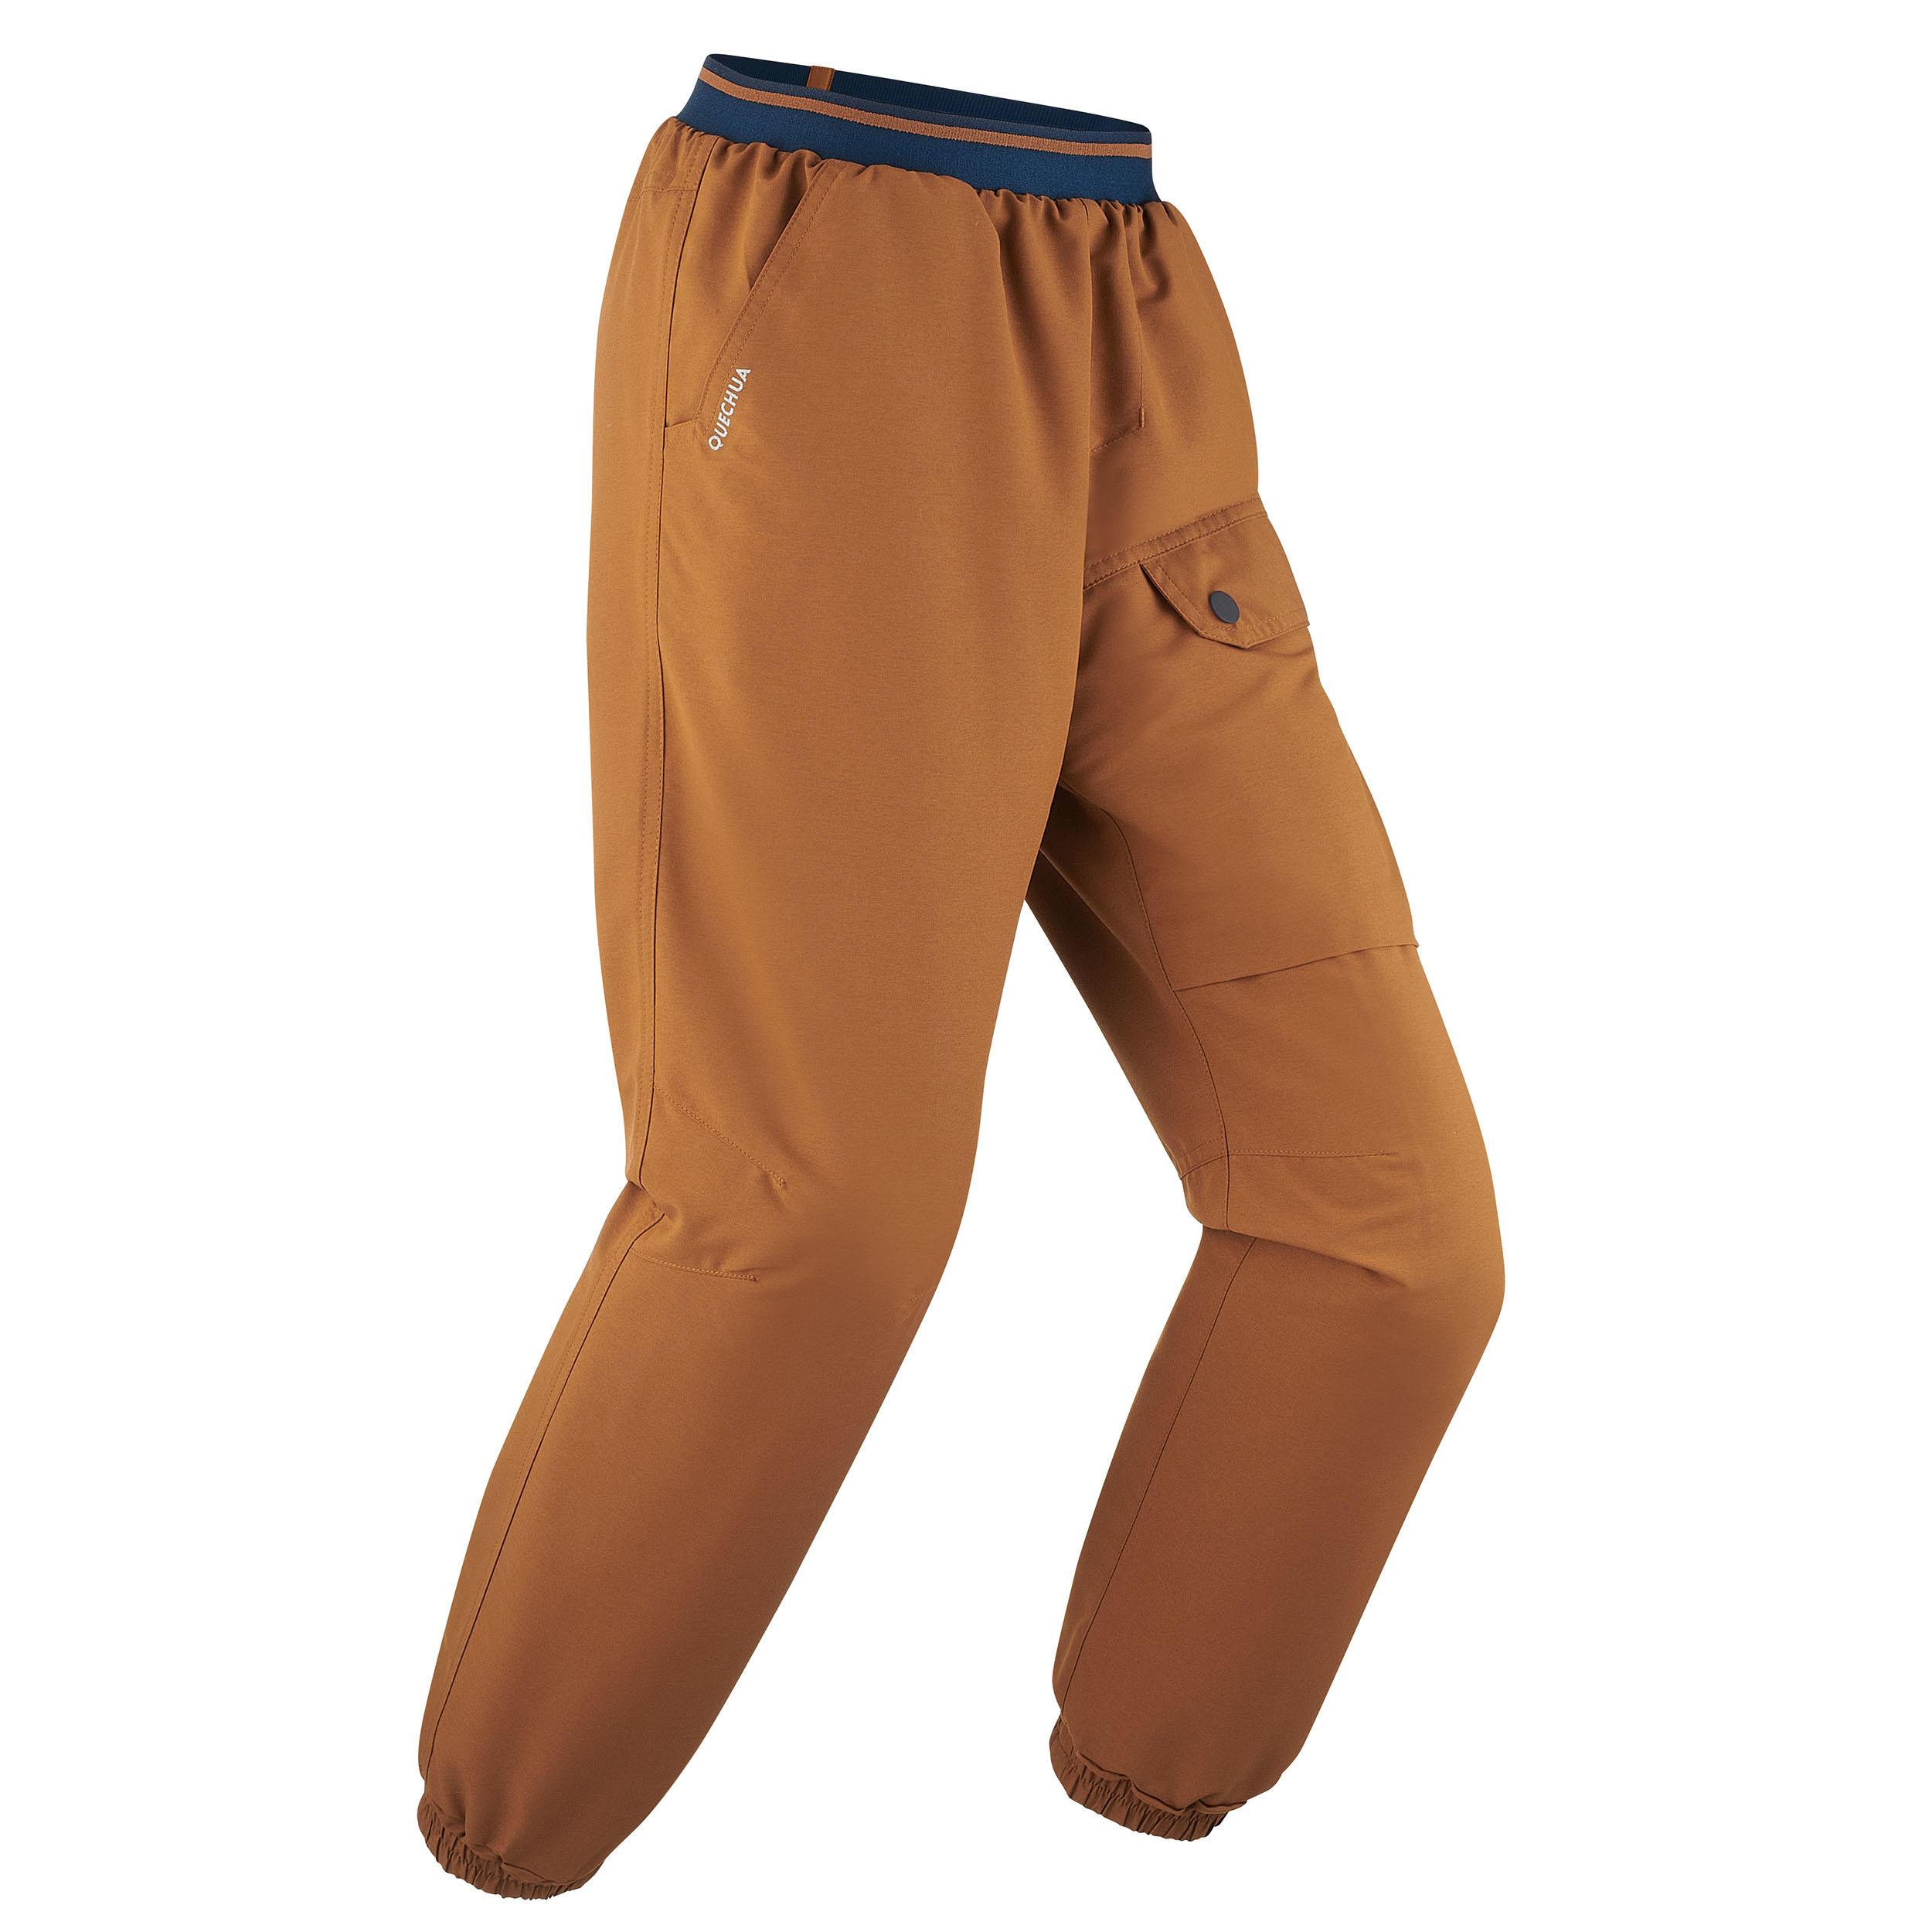 Pantalon SH100 X-WARM imagine produs